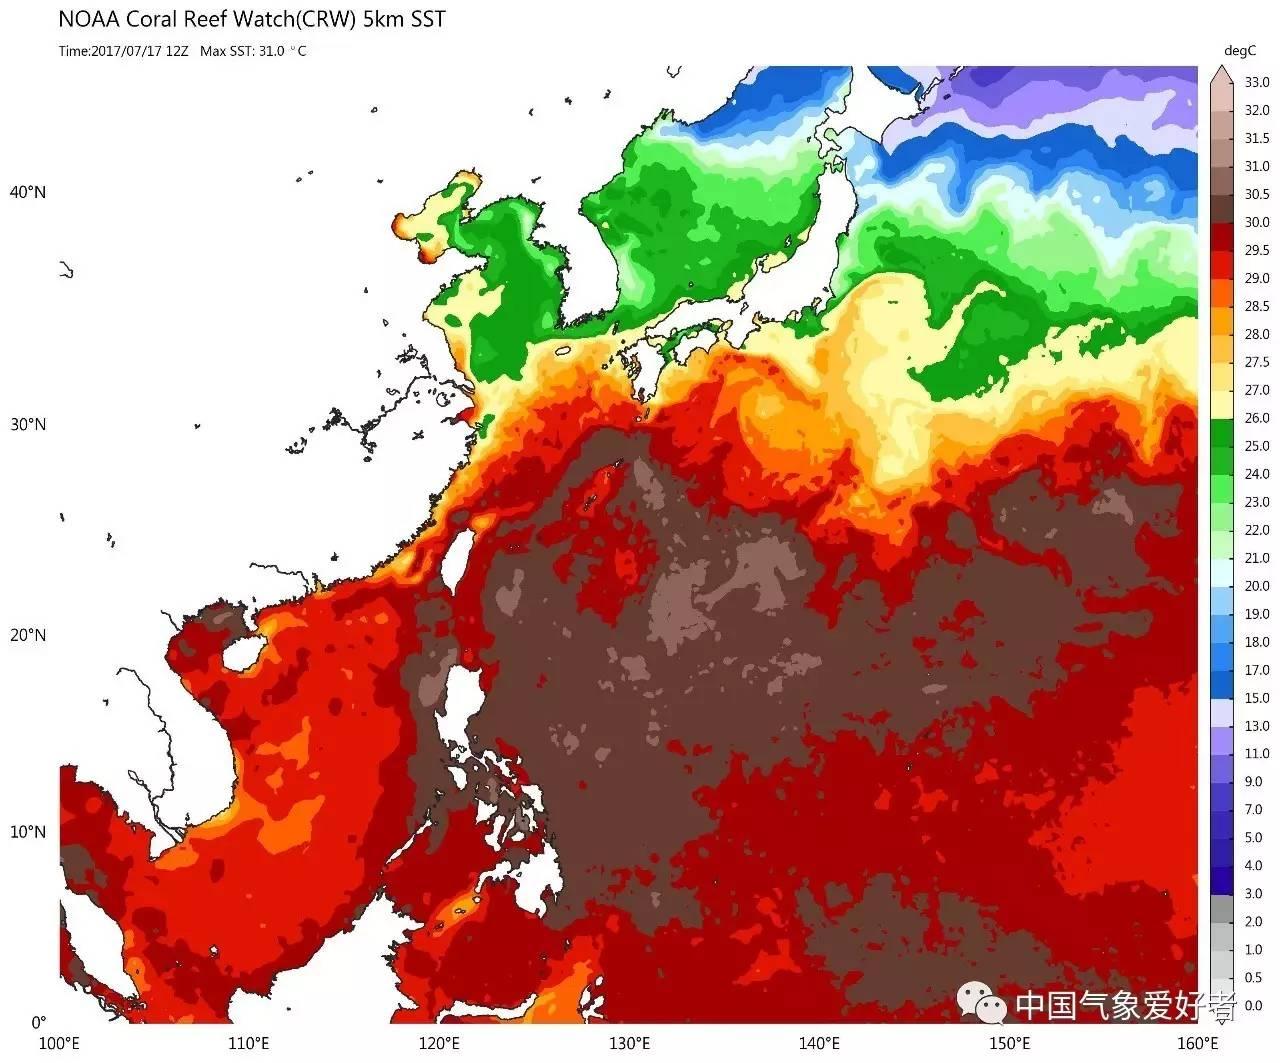 台风预警 西北太平洋憋不住了,2017年第一个台风活跃期到了 预计生